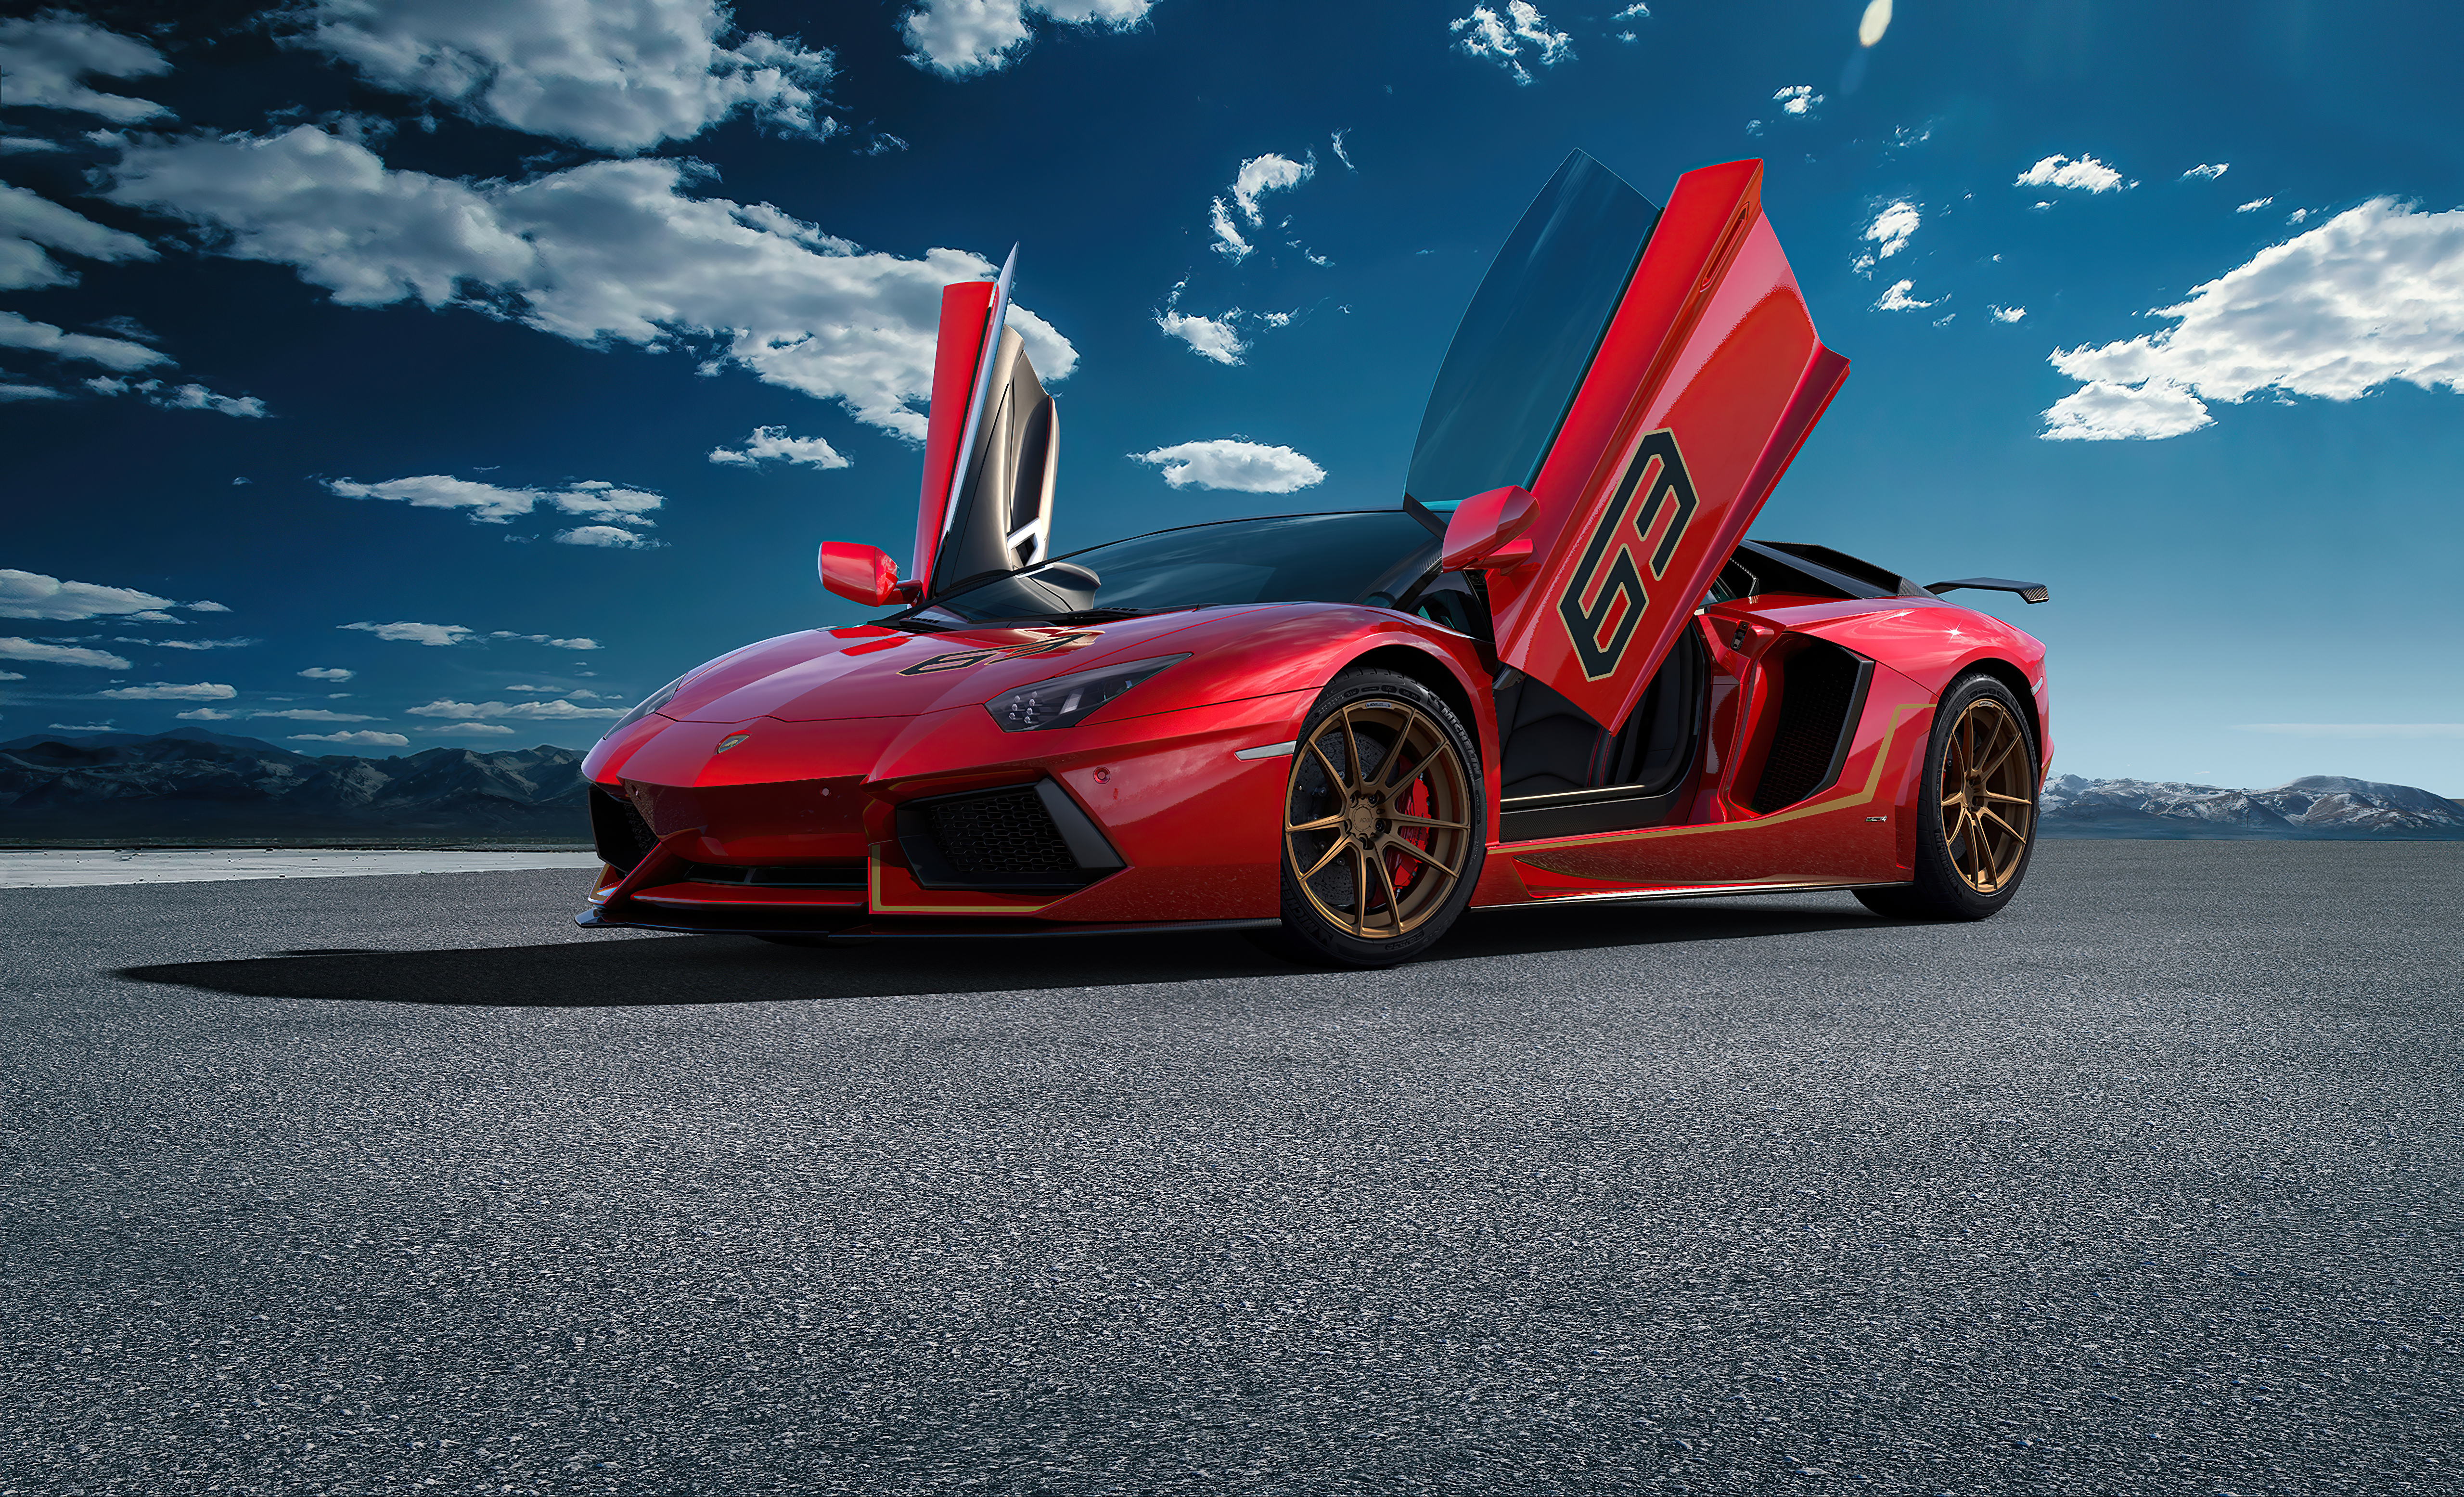 lamborghini aventador svj 63 2020 4k 1602450985 - Lamborghini Aventador SVJ 63 2020 4k - Lamborghini Aventador SVJ 63 2020 4k wallpapers